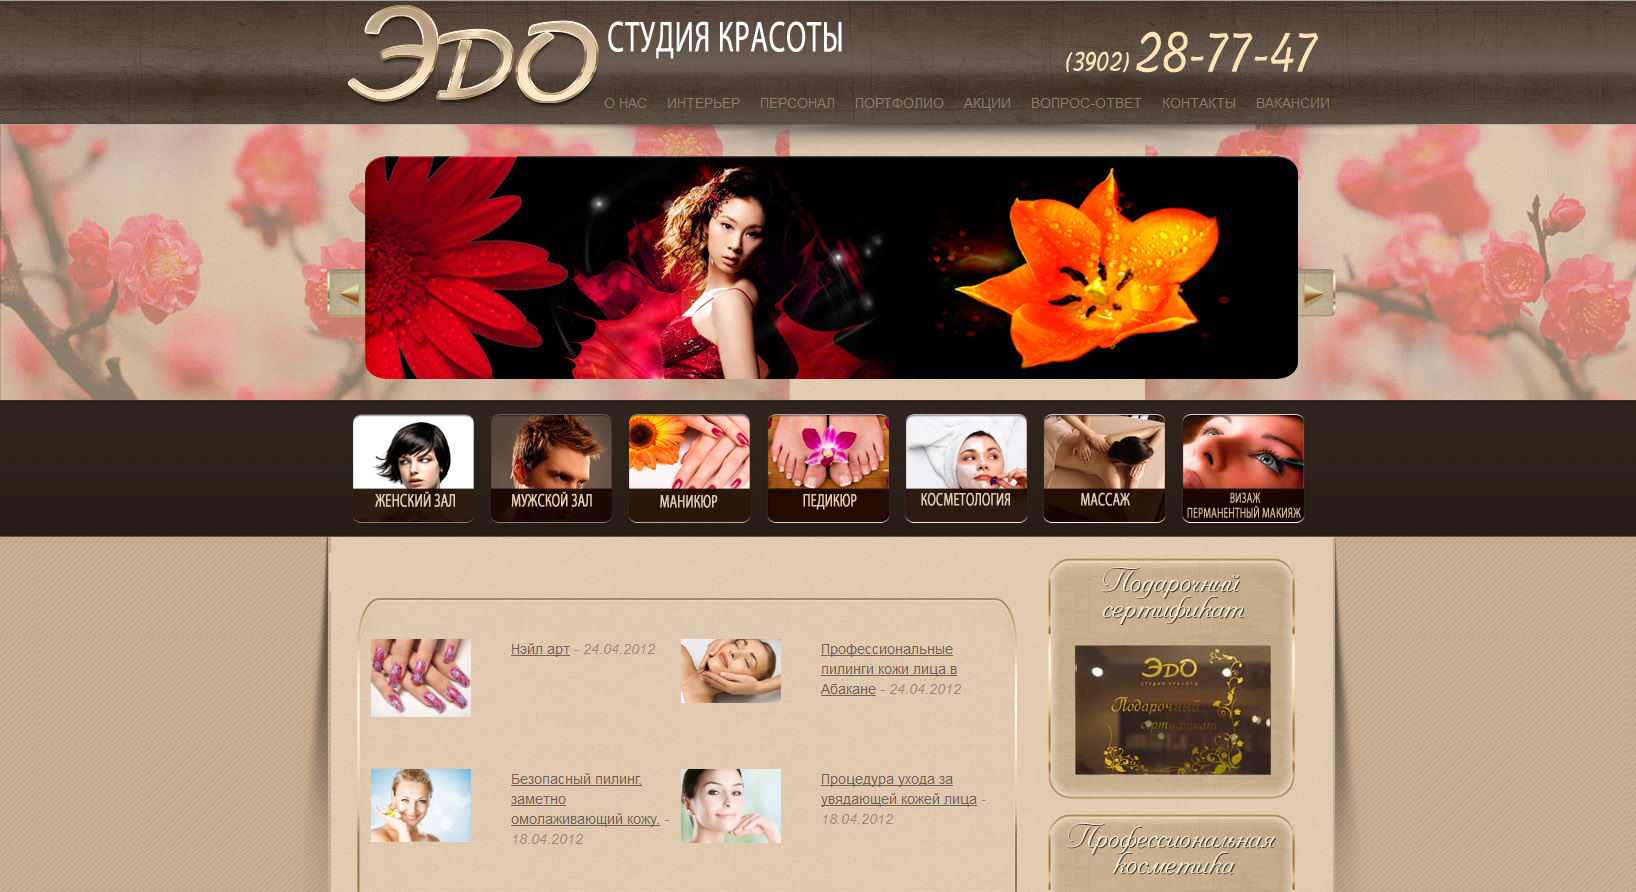 Сайт «Эдо» — студия красоты